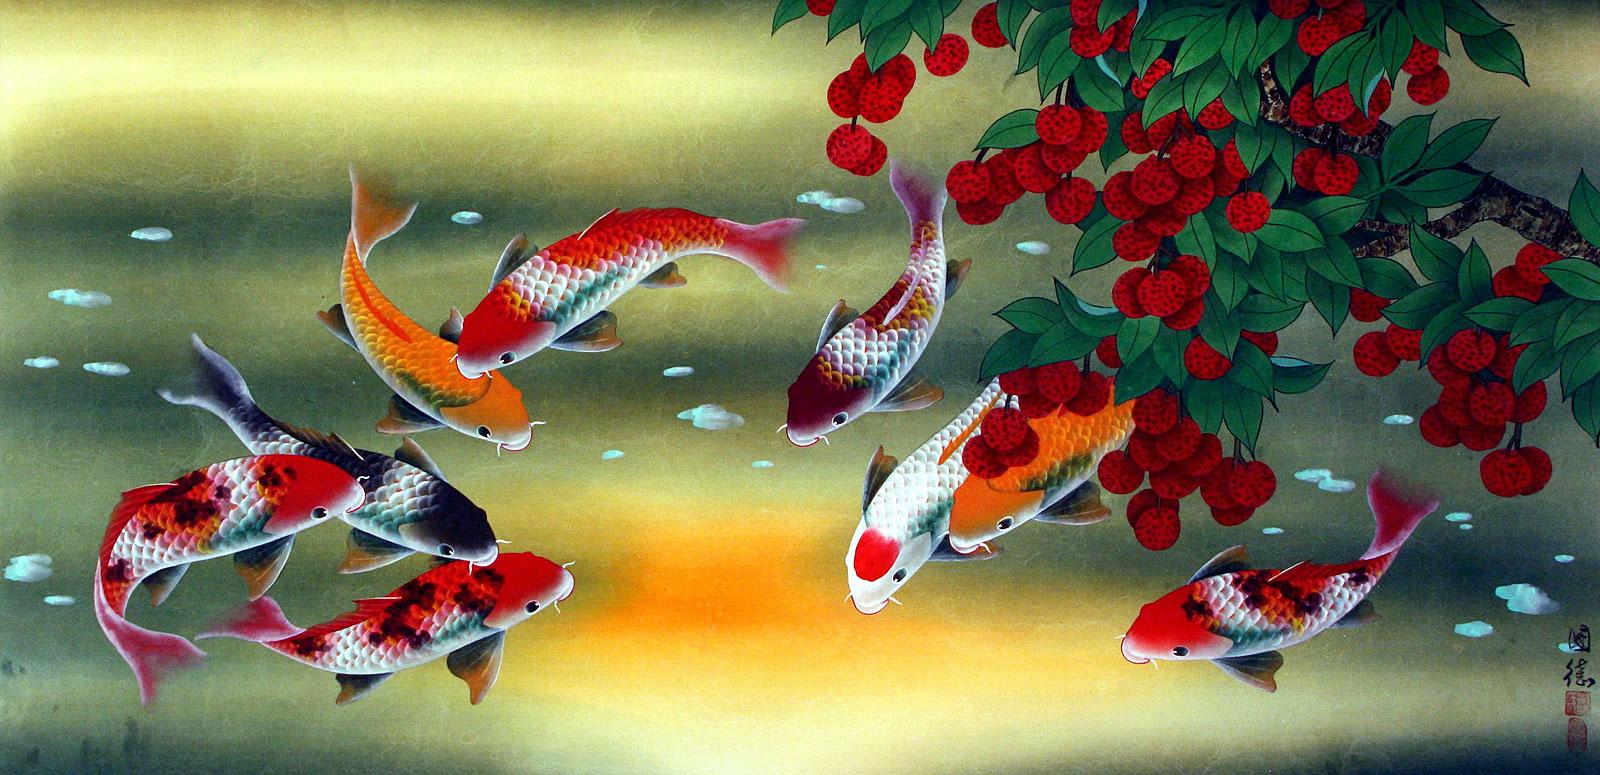 Huge Koi Fish and Lychee Painting - Asian Koi Fish Paintings & Wall ...